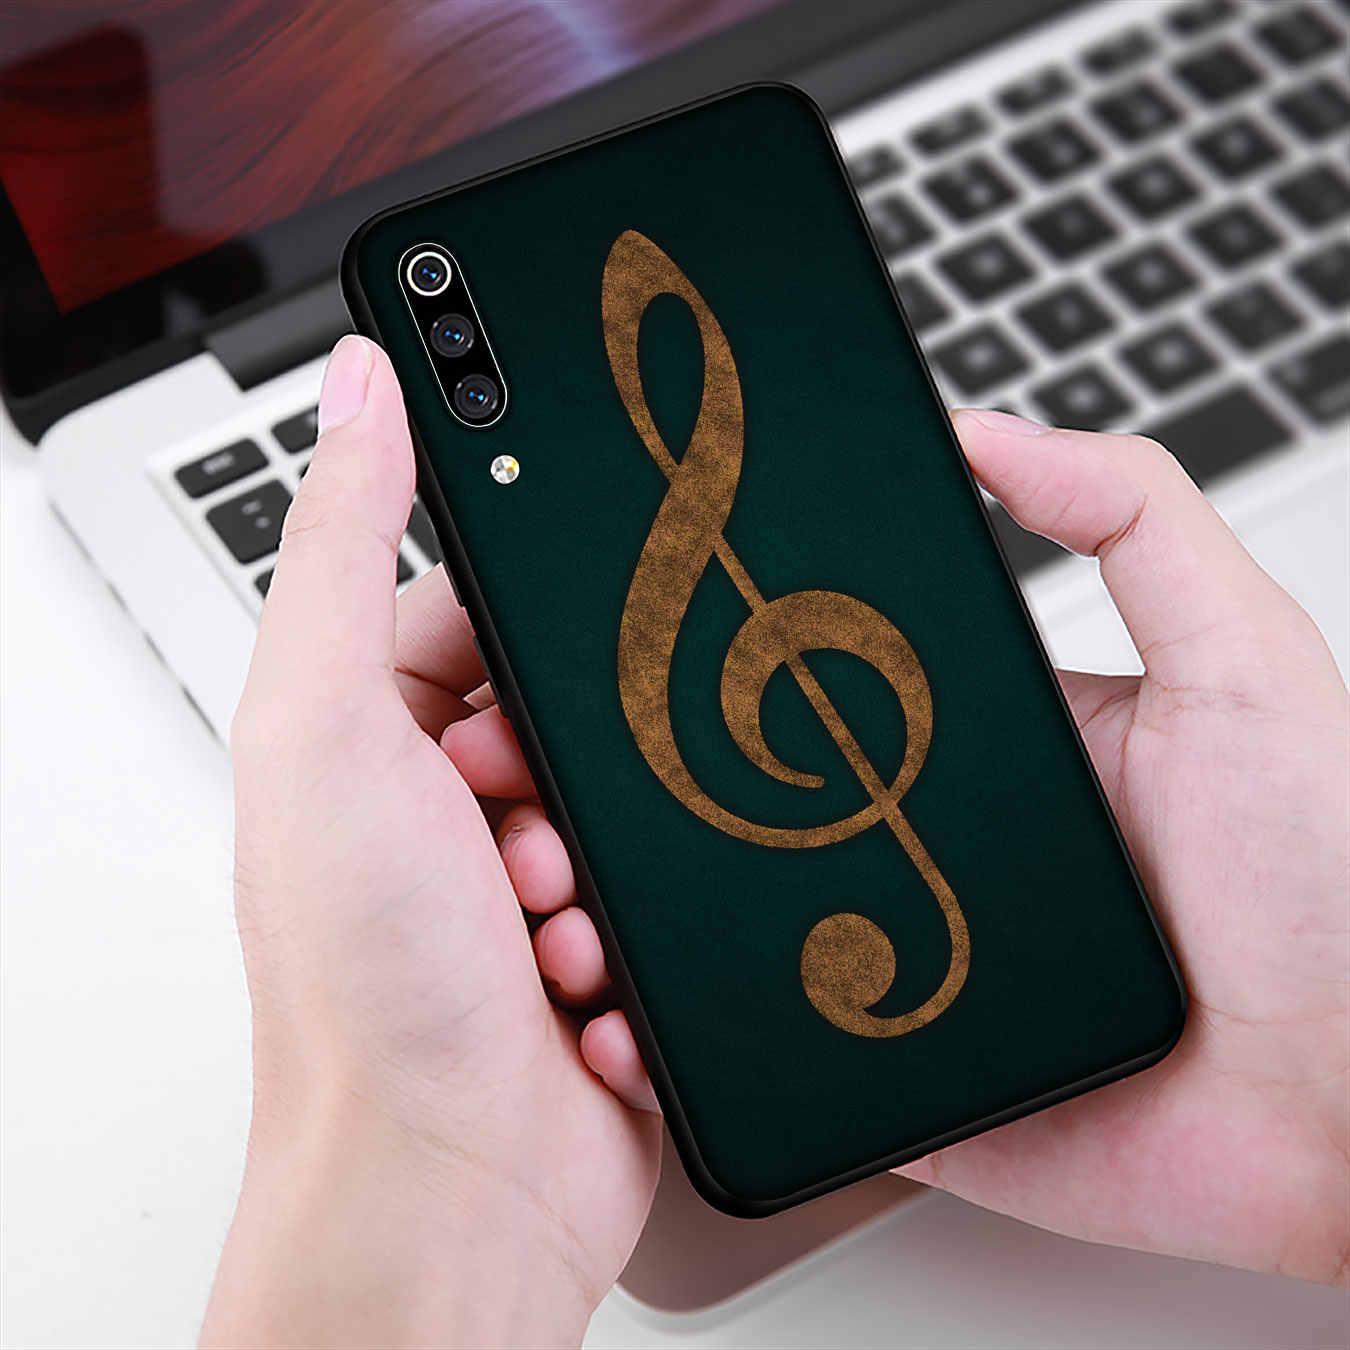 Oude Muzieknoot Muziek Zachte Siliconen Telefoon Case Voor Xiao Mi Mi 10 9 9T A3 Pro 8 Se a2 Lite A1 6 CC9 CC9E Pocophone F1 Mi 10